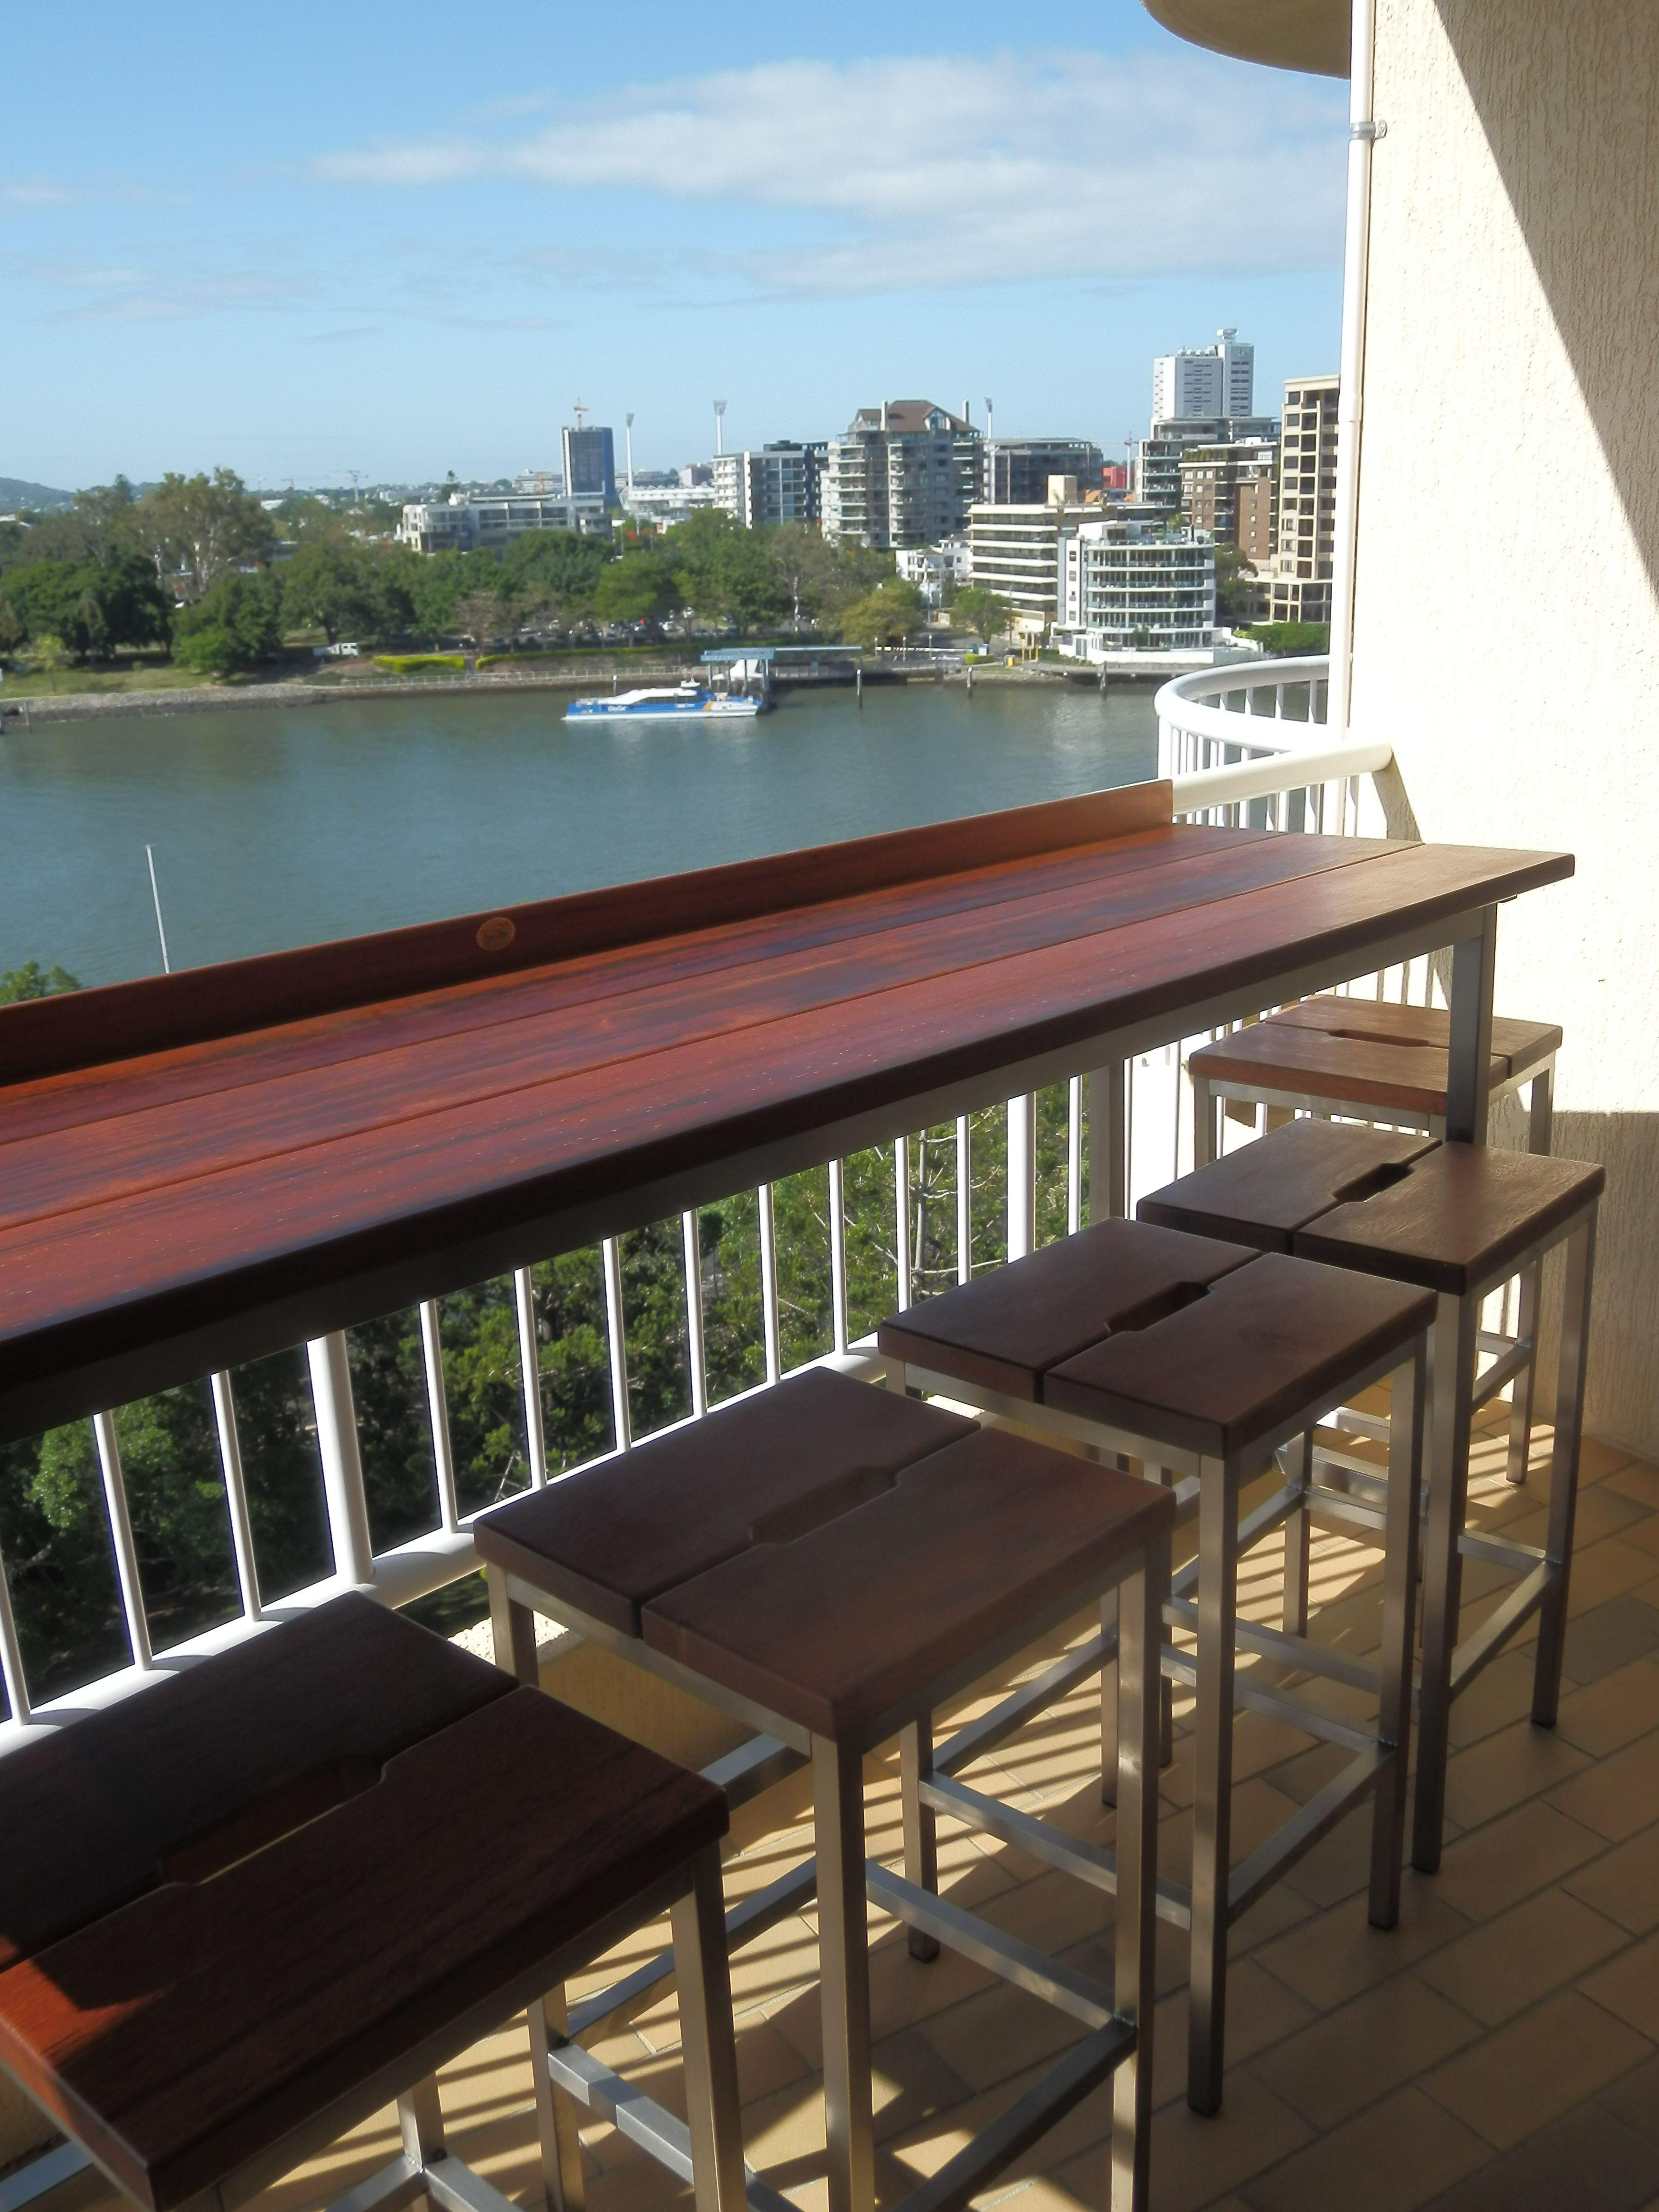 Large Balcony Bar   Australian Garden Furniture Co   AGFC. Large Balcony Bar   Australian Garden Furniture Co   AGFC